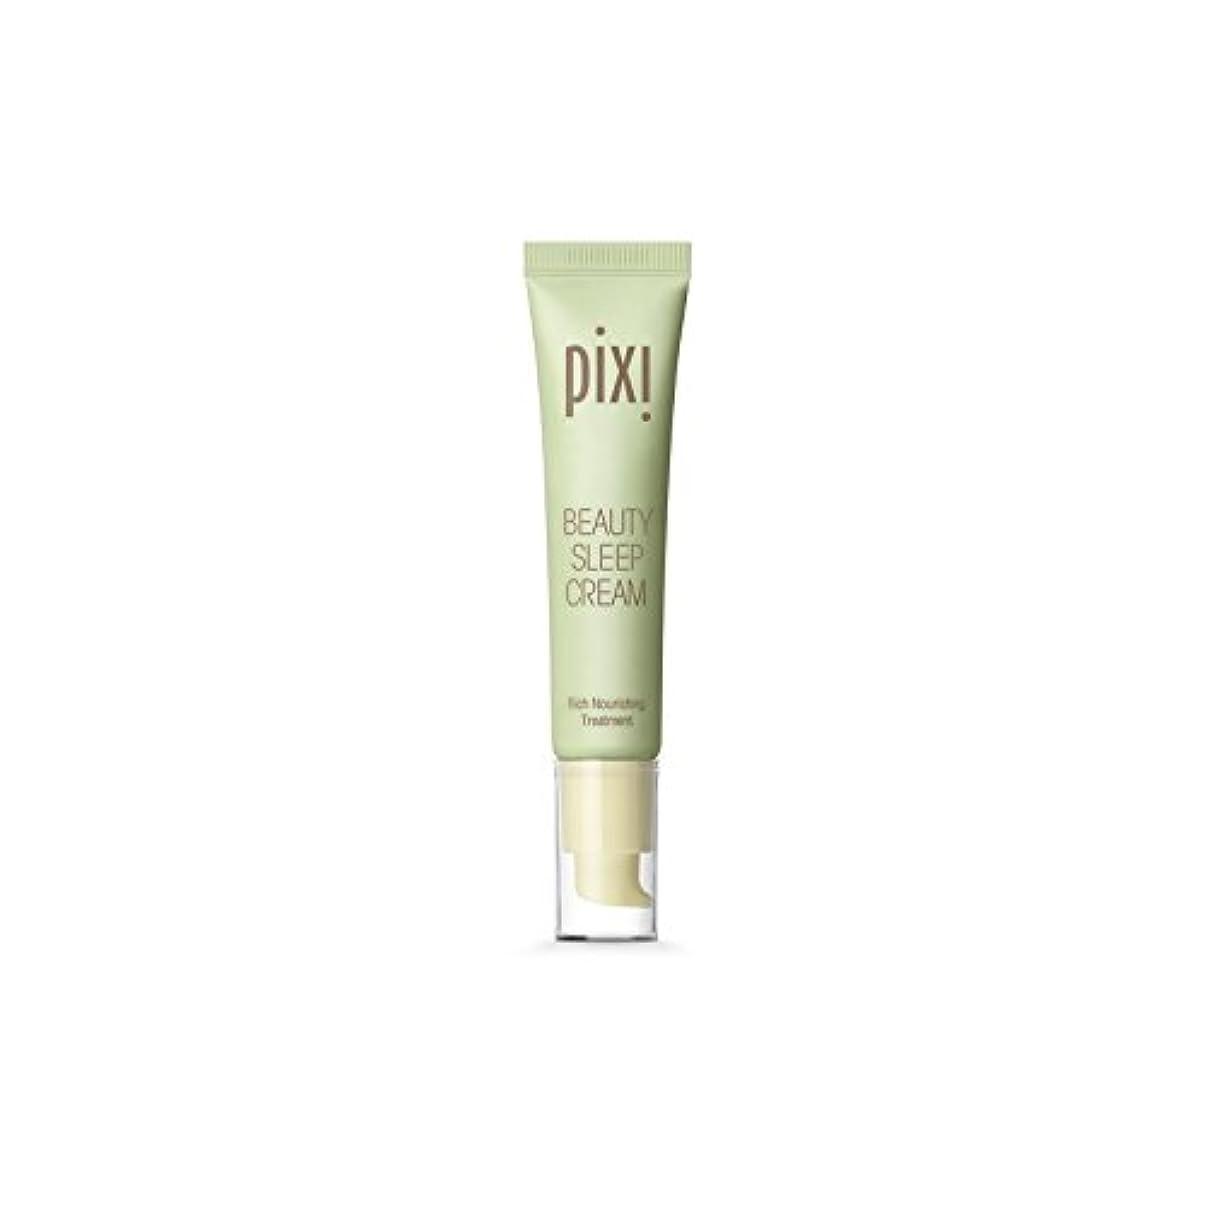 避けられない学校教育外出美しさの睡眠クリーム x2 - Pixi Beauty Sleep Cream (Pack of 2) [並行輸入品]